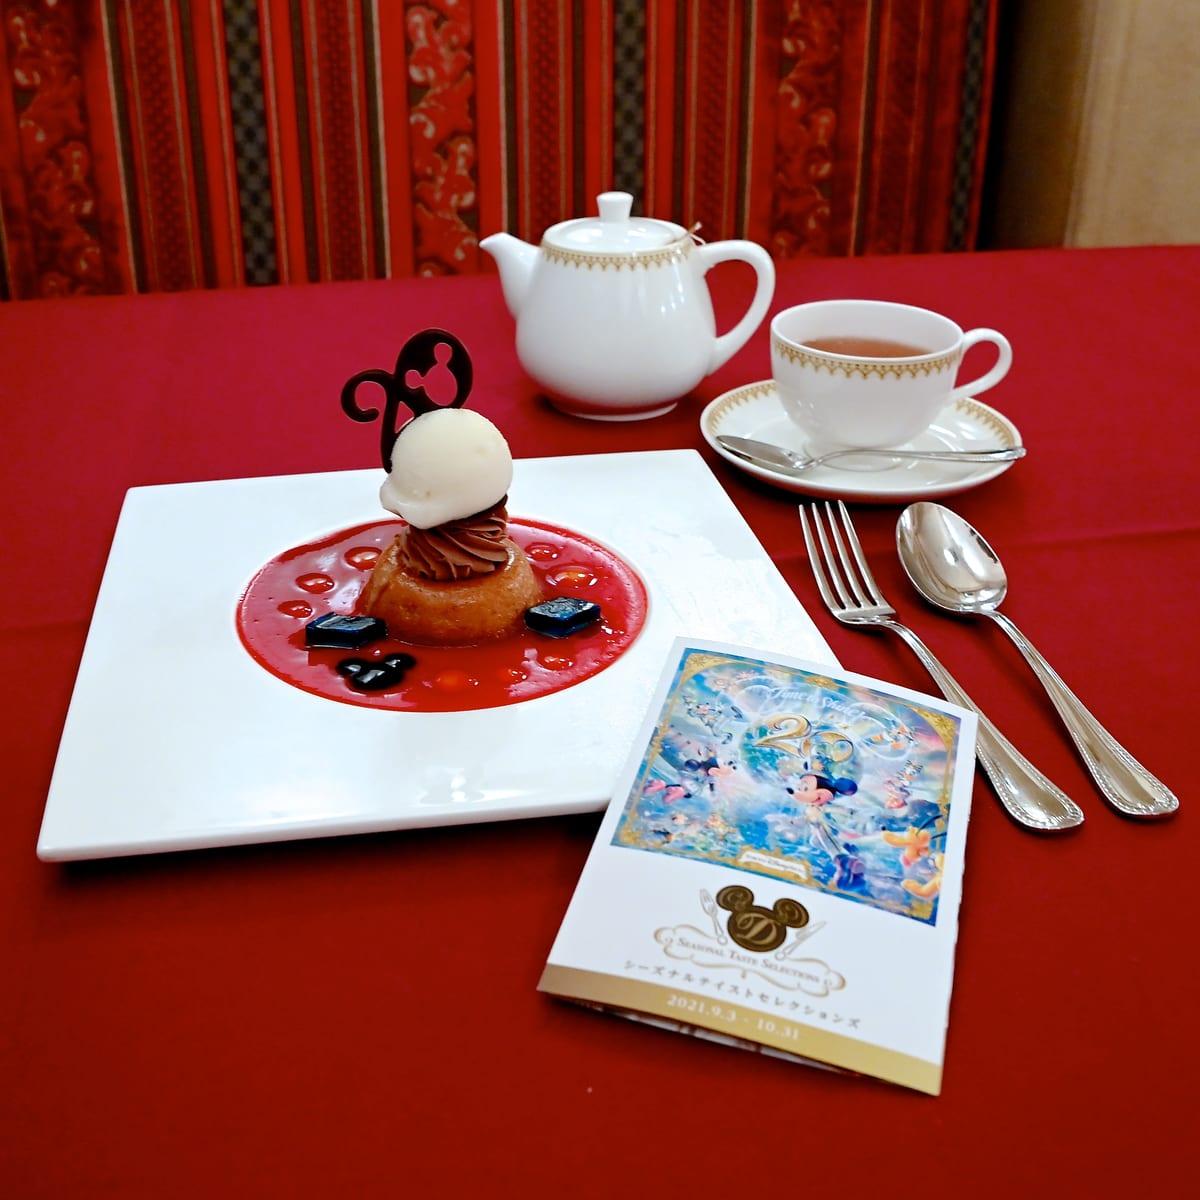 プラリネ・パンドジェンヌ、ナッツ入りミルクチョコレートクリームとラ・フランスのソルベ添え コーヒーまたは紅茶